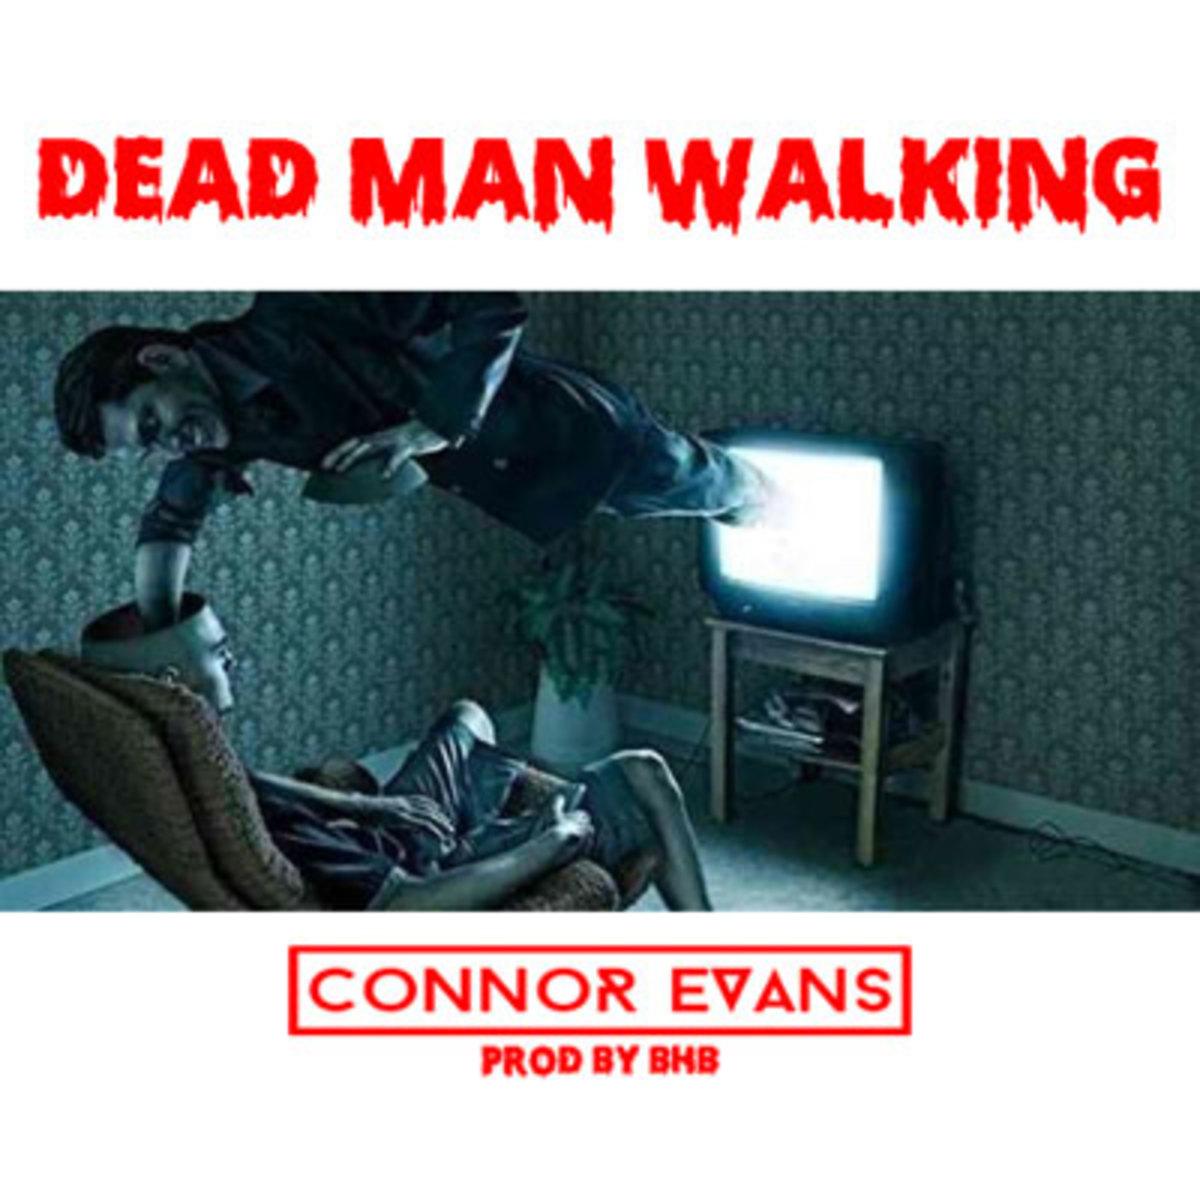 connorevans-deadmanwalking.jpg